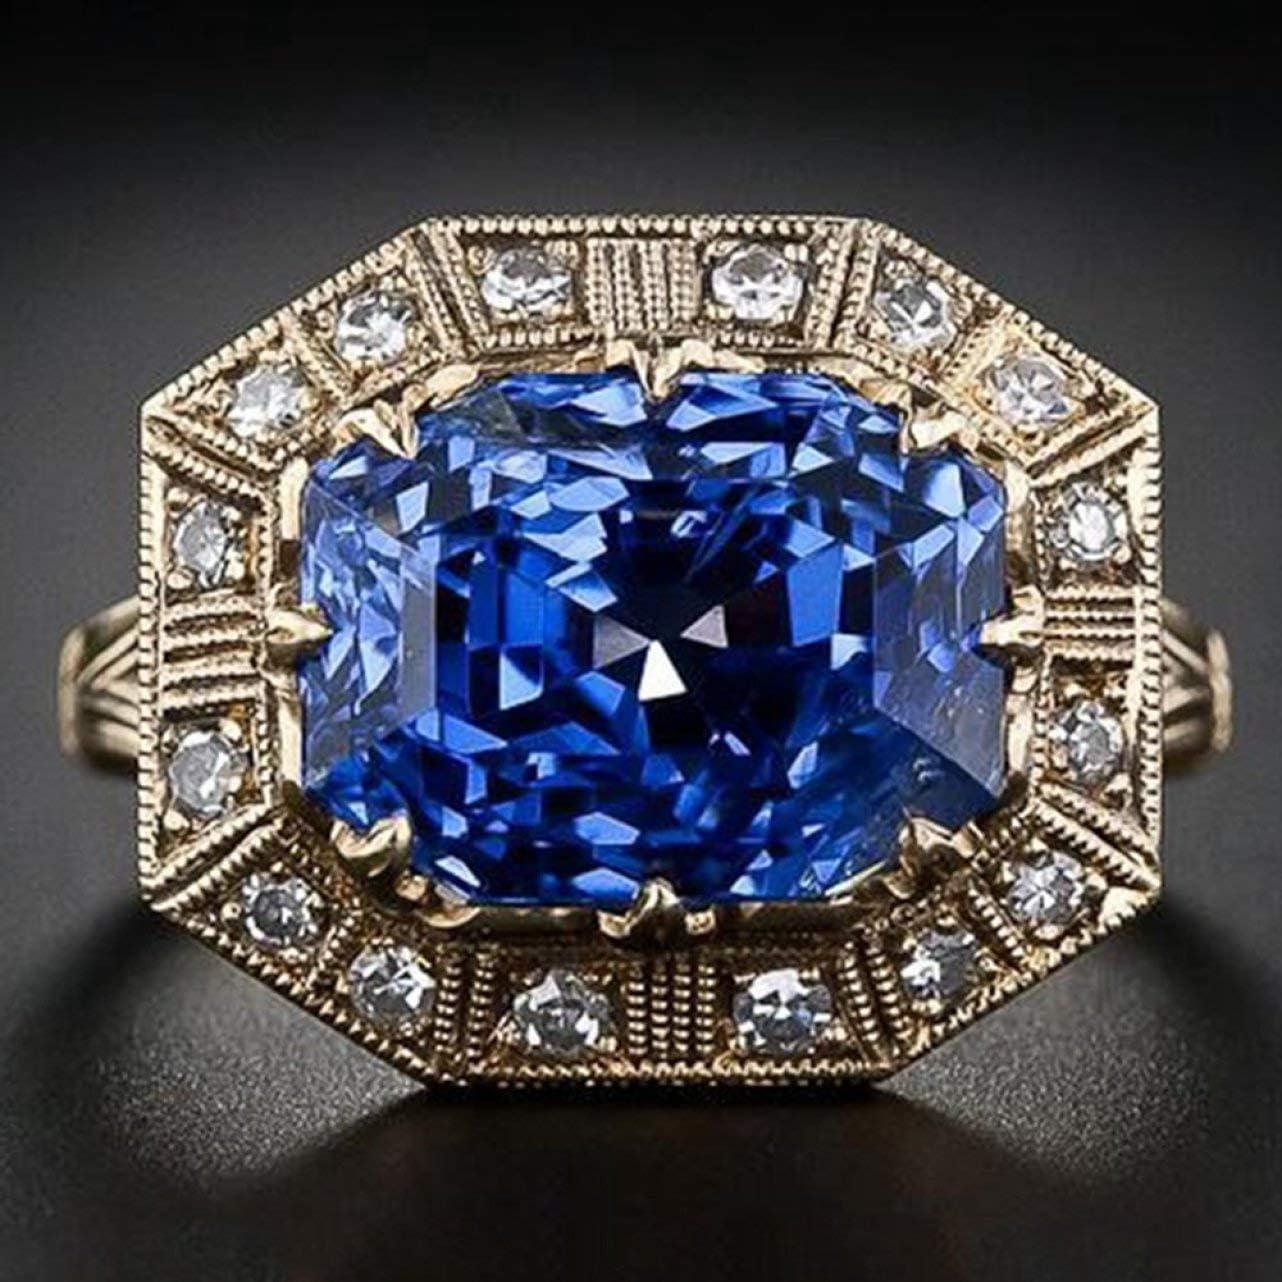 htrdjhrjy Útil Antiguo Joyería Arte Natural Zafiro Azul&Diamante Anillo con Piedra Preciosa Novia Boda Compromiso Anillo Joyería